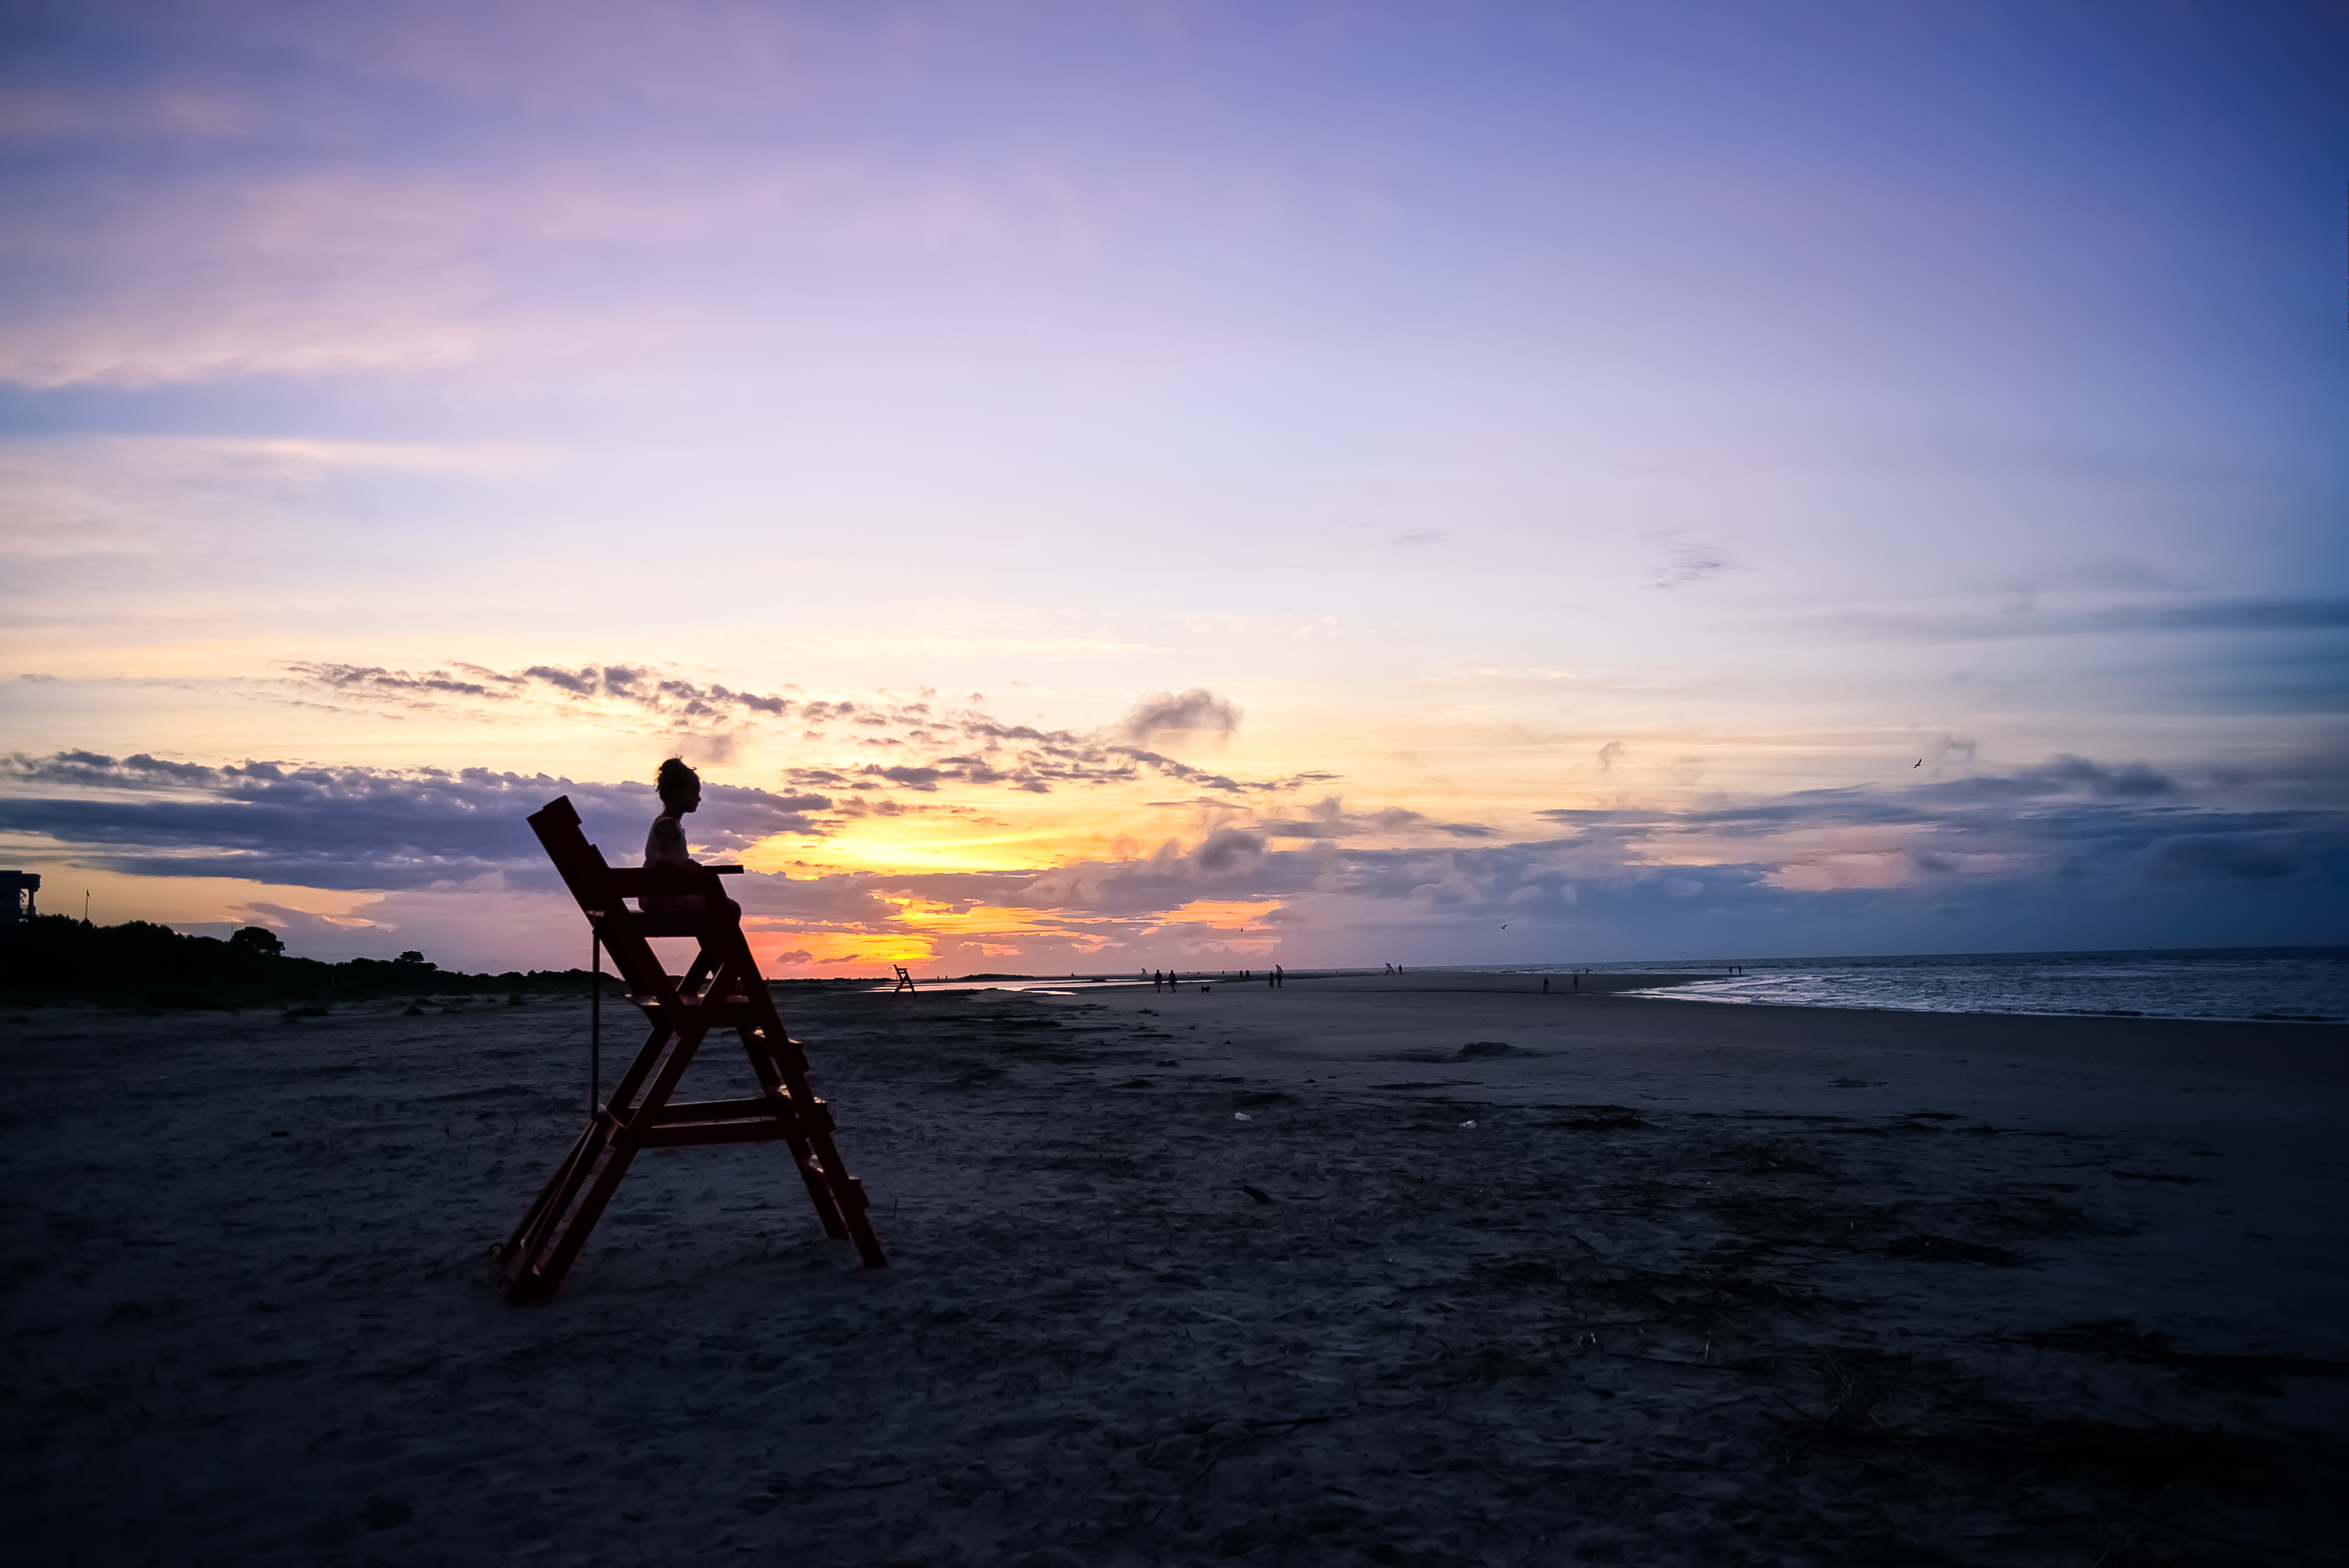 sunrise-11